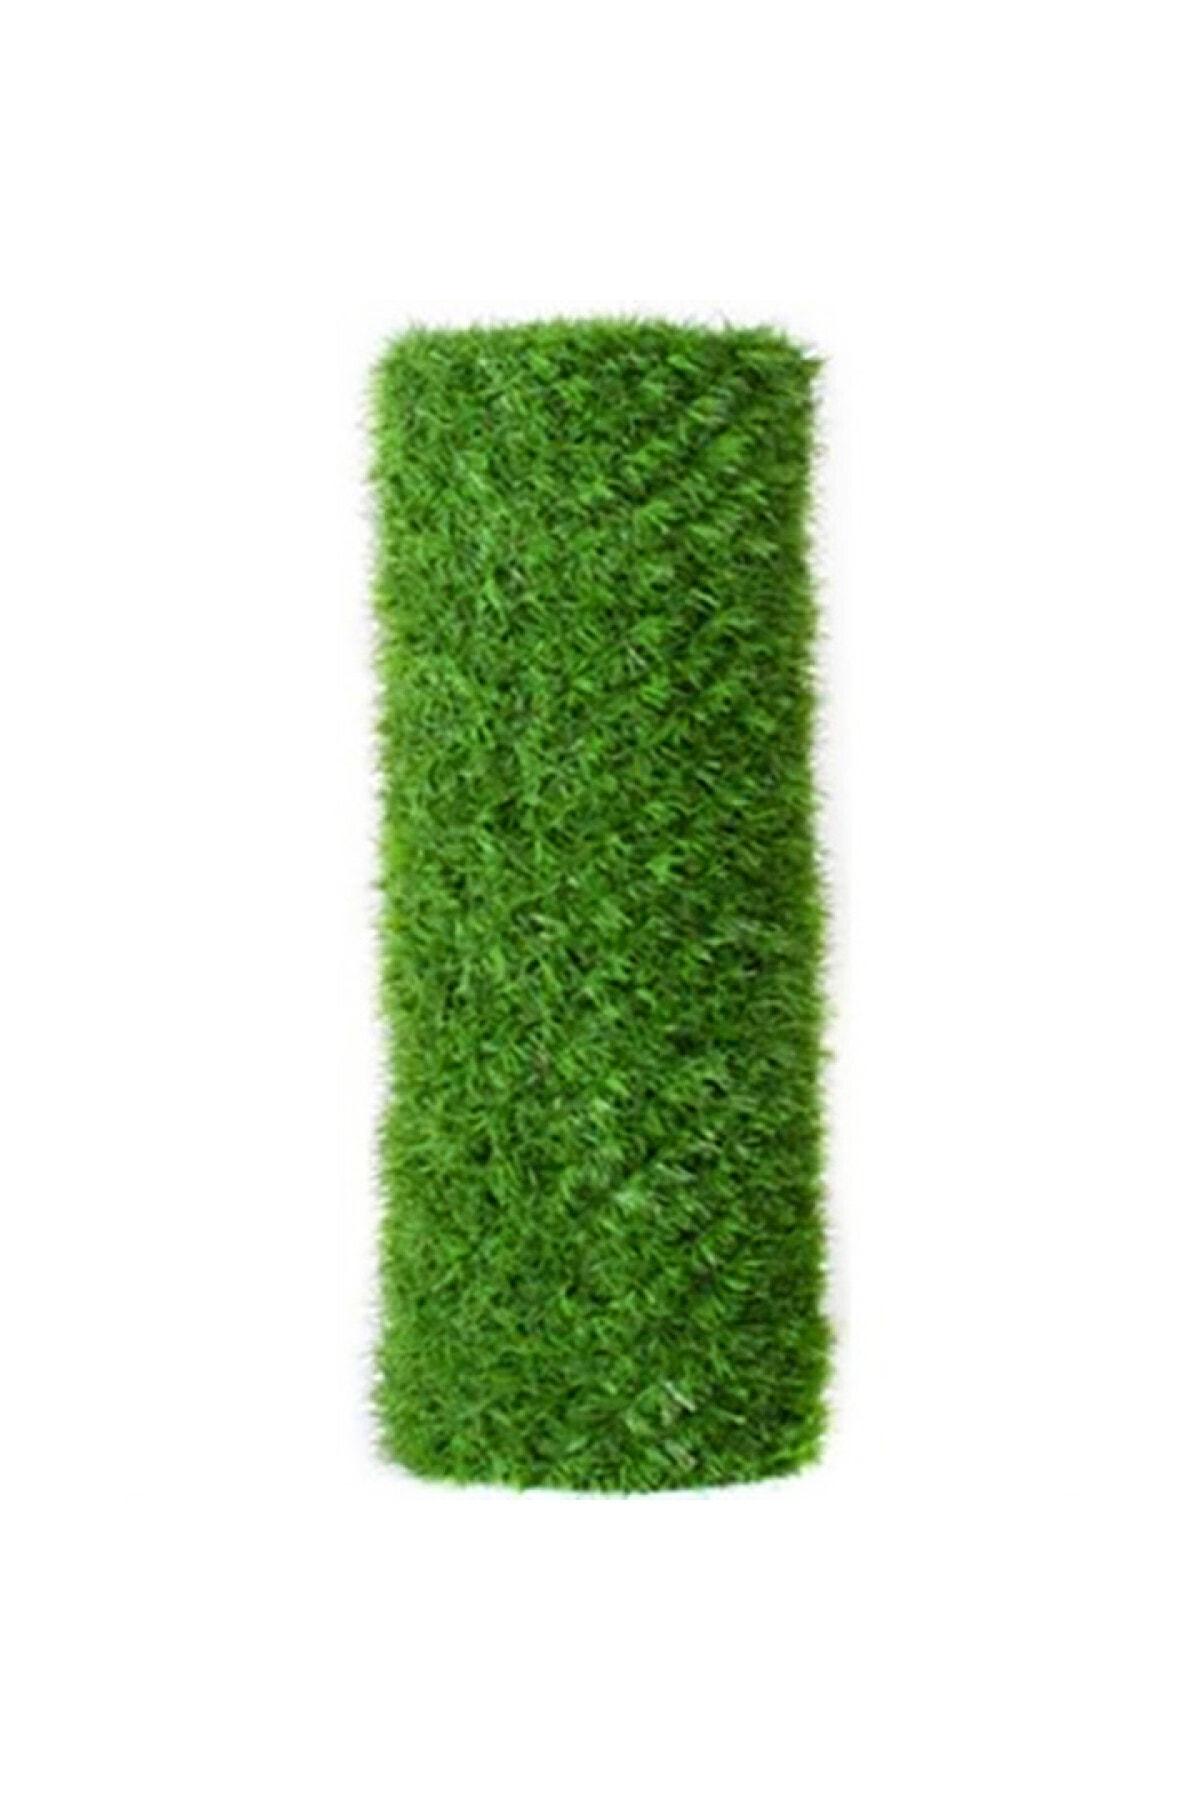 Çitgrass Çim Çit 60 cm x 5 m